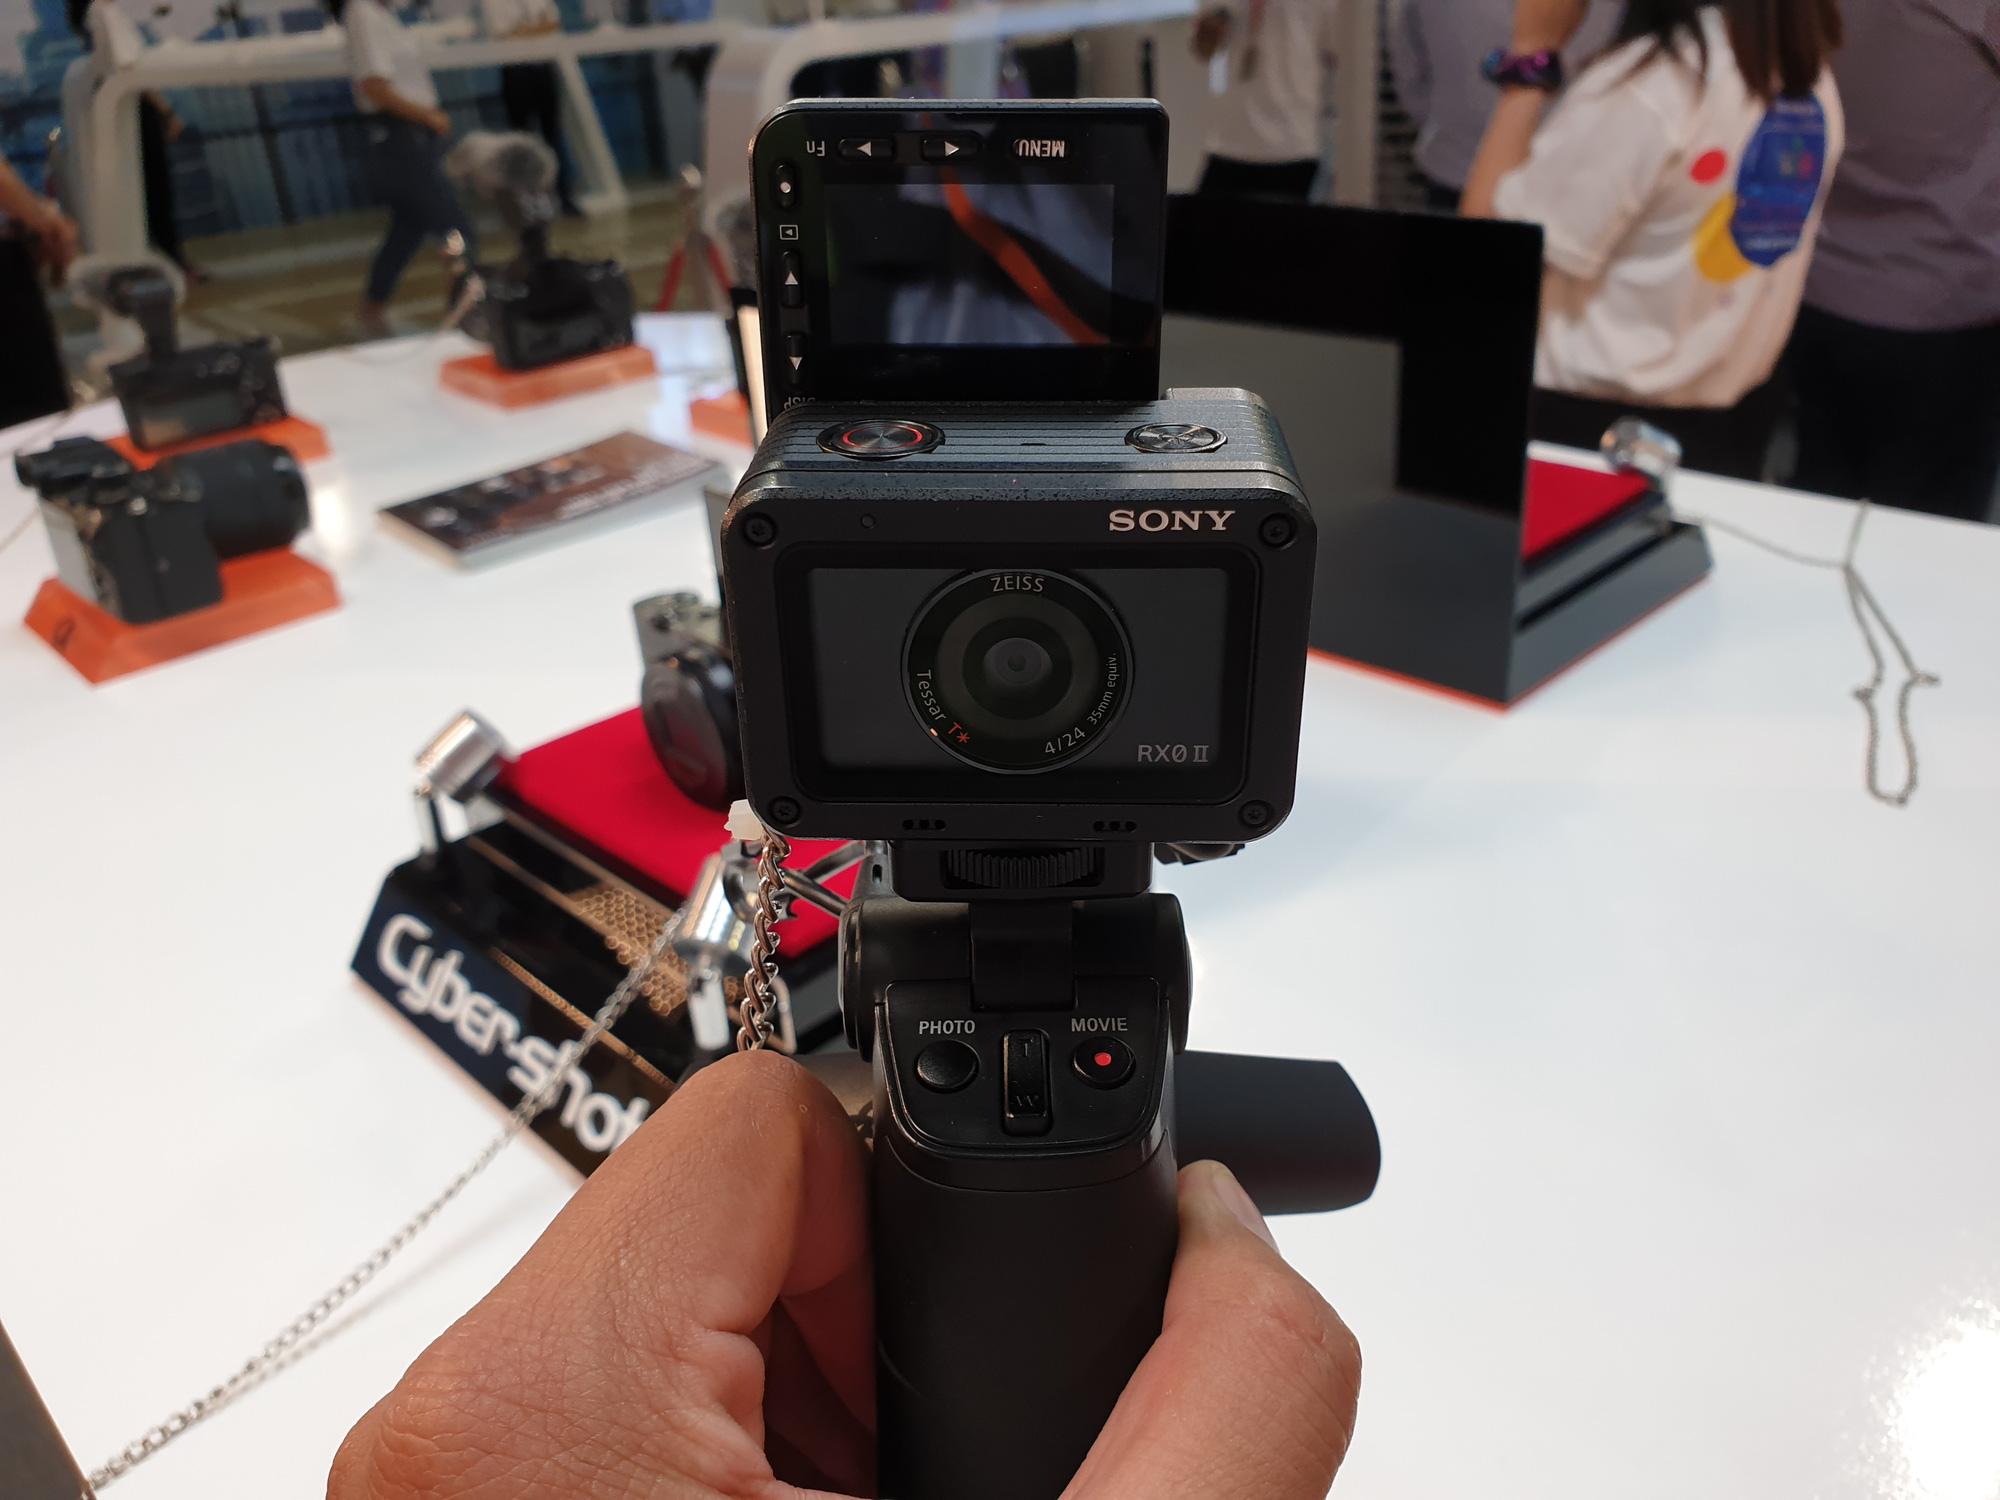 Máy ảnh gia đình chụp Tết nhiều mẫu giảm giá, dễ dàng chọn mua trong mức giá dưới 10 triệu đồng  - Ảnh 6.